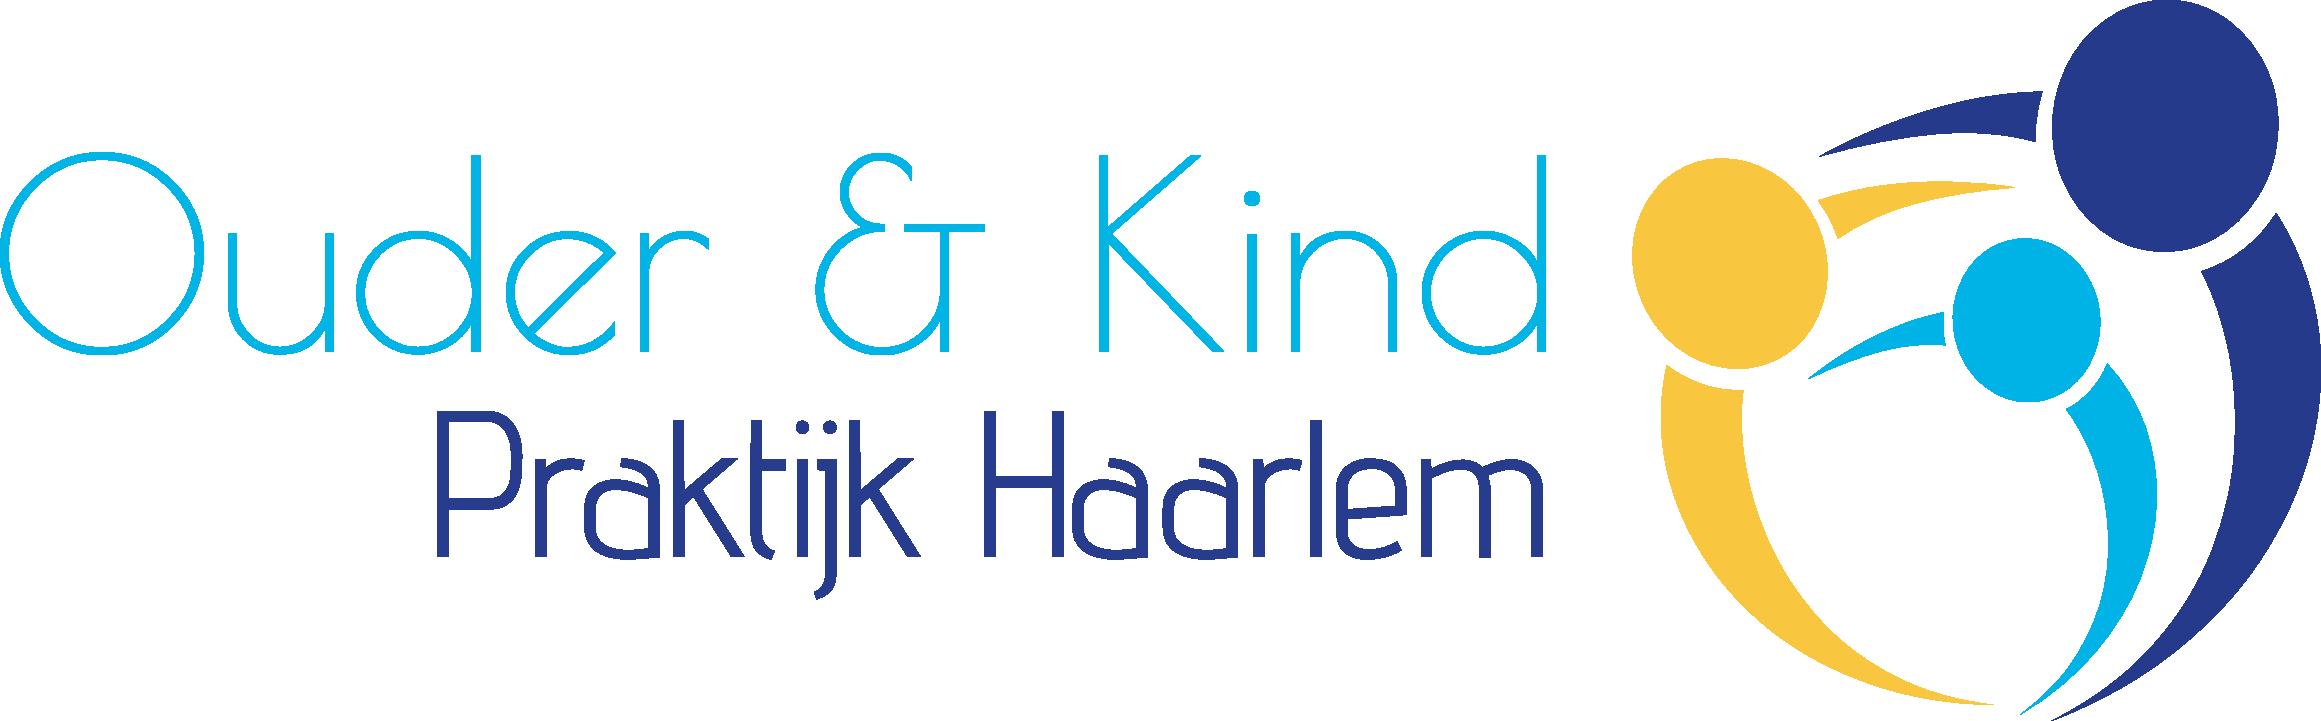 Ouder & Kind Praktijk Haarlem